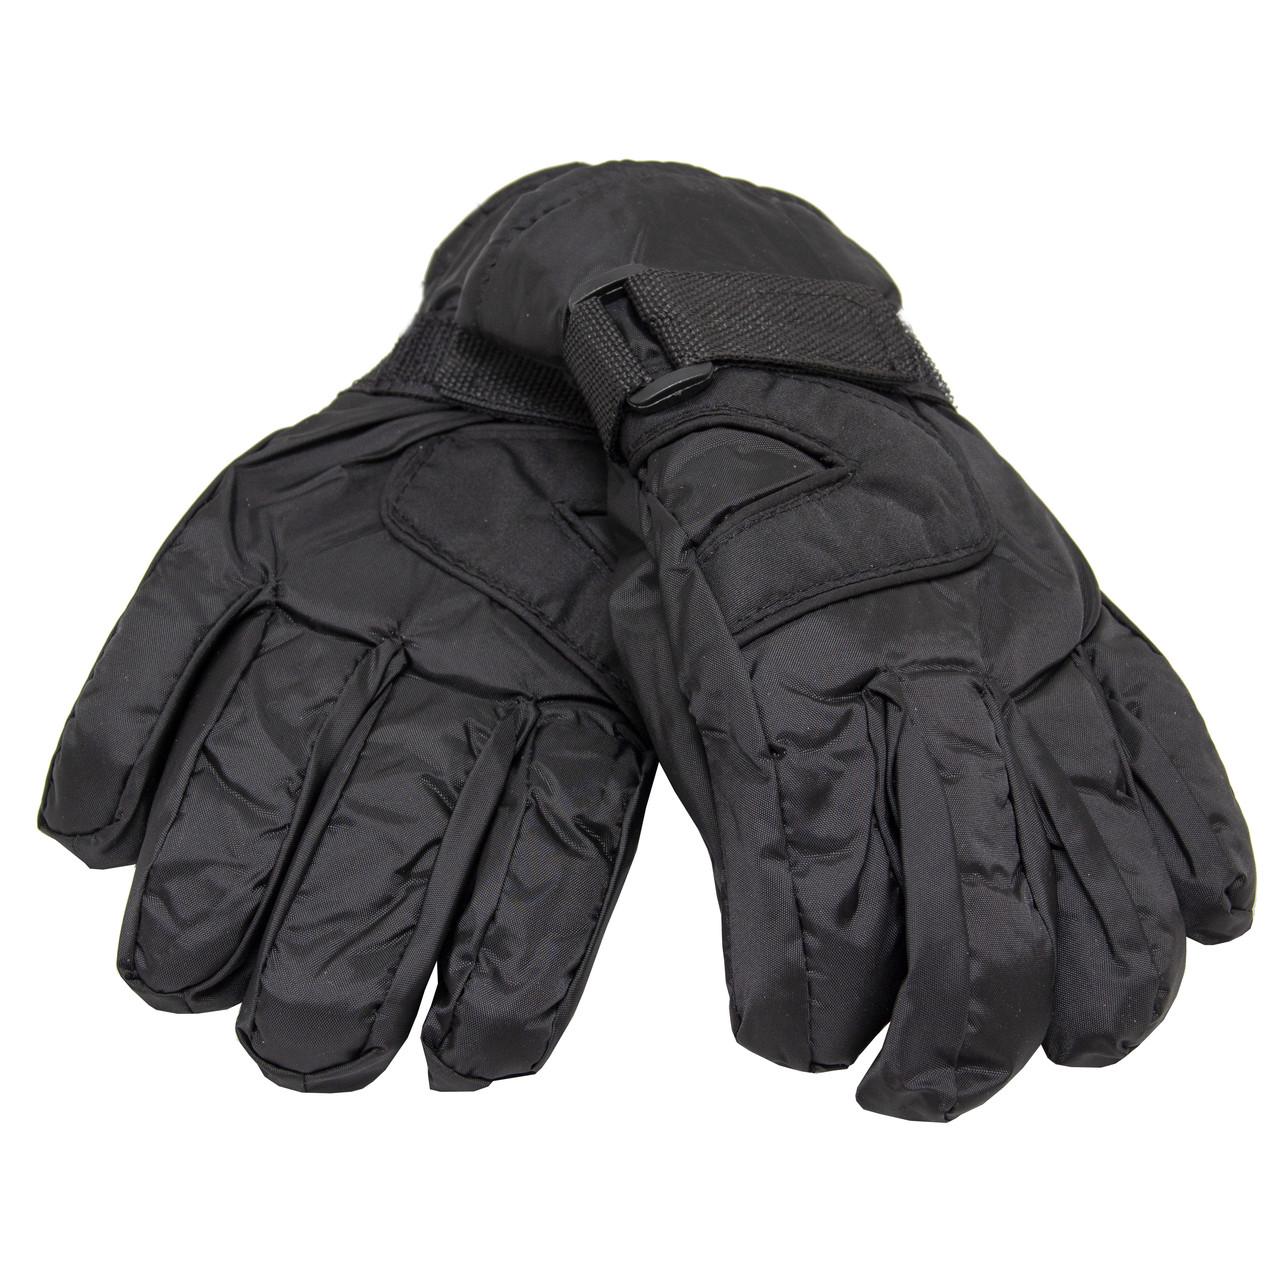 Водоотталкивающие детские лыжные перчатки, размер 13, черный, плащевка, флис, синтепон (513658-5)